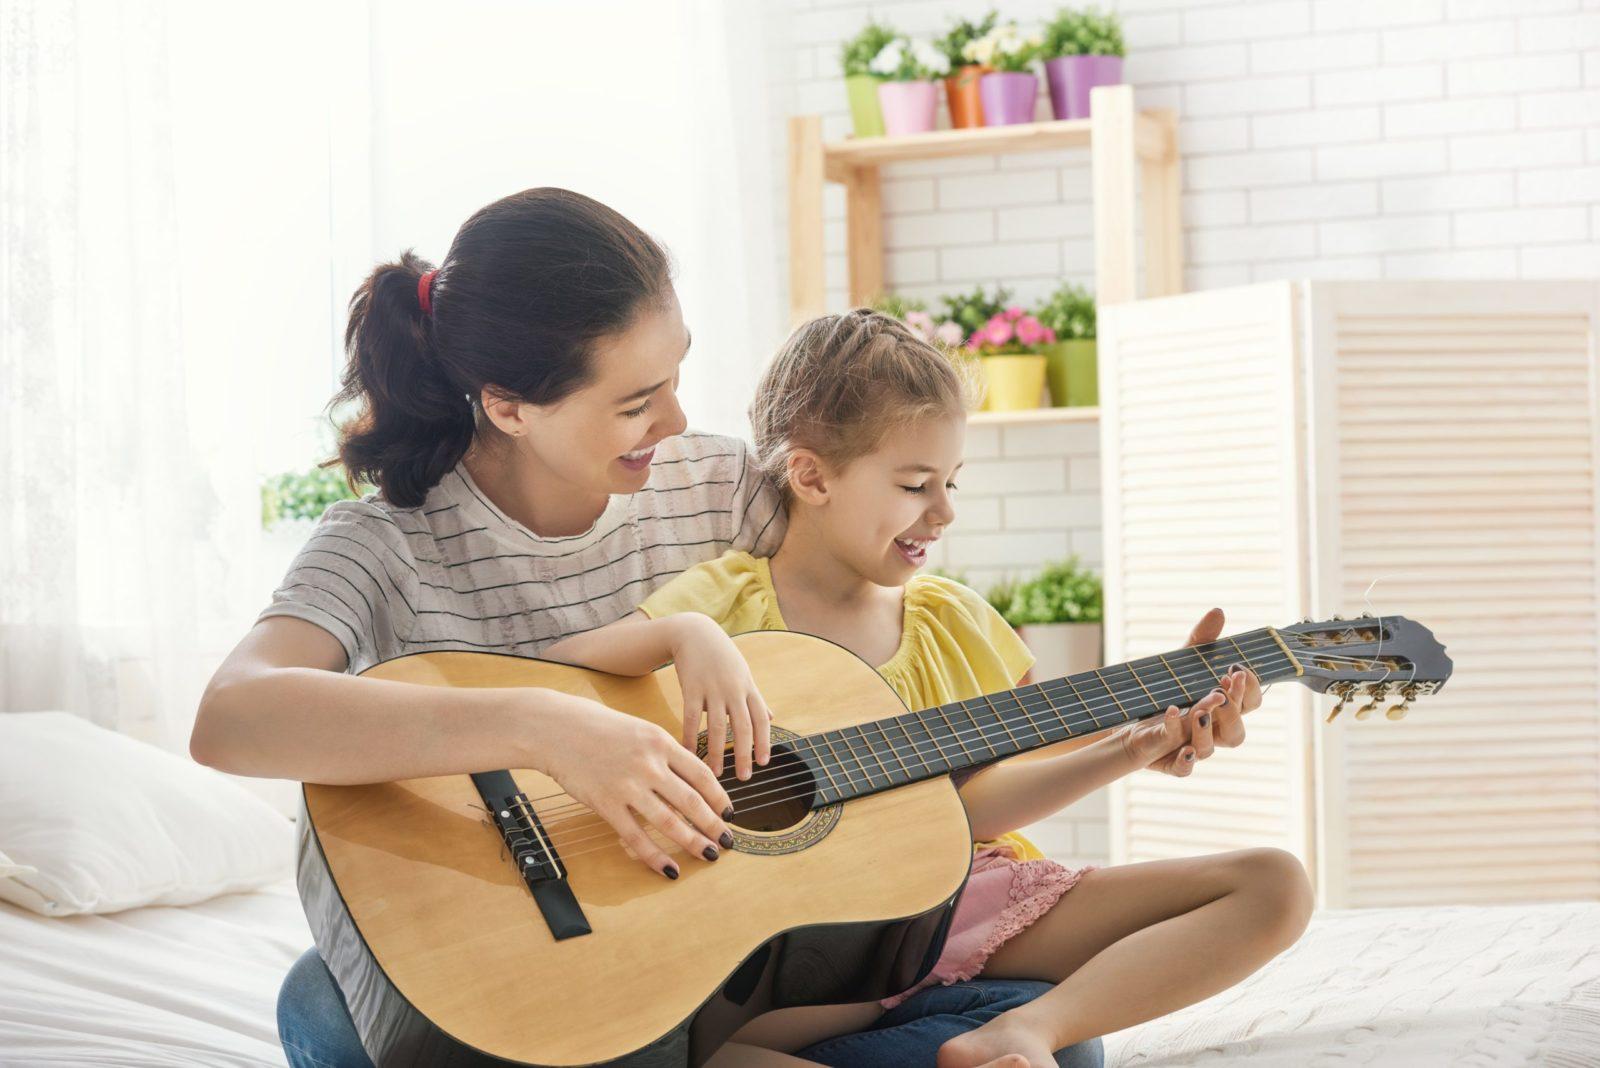 Musica e canzoni aumentano il quoziente intellettivo